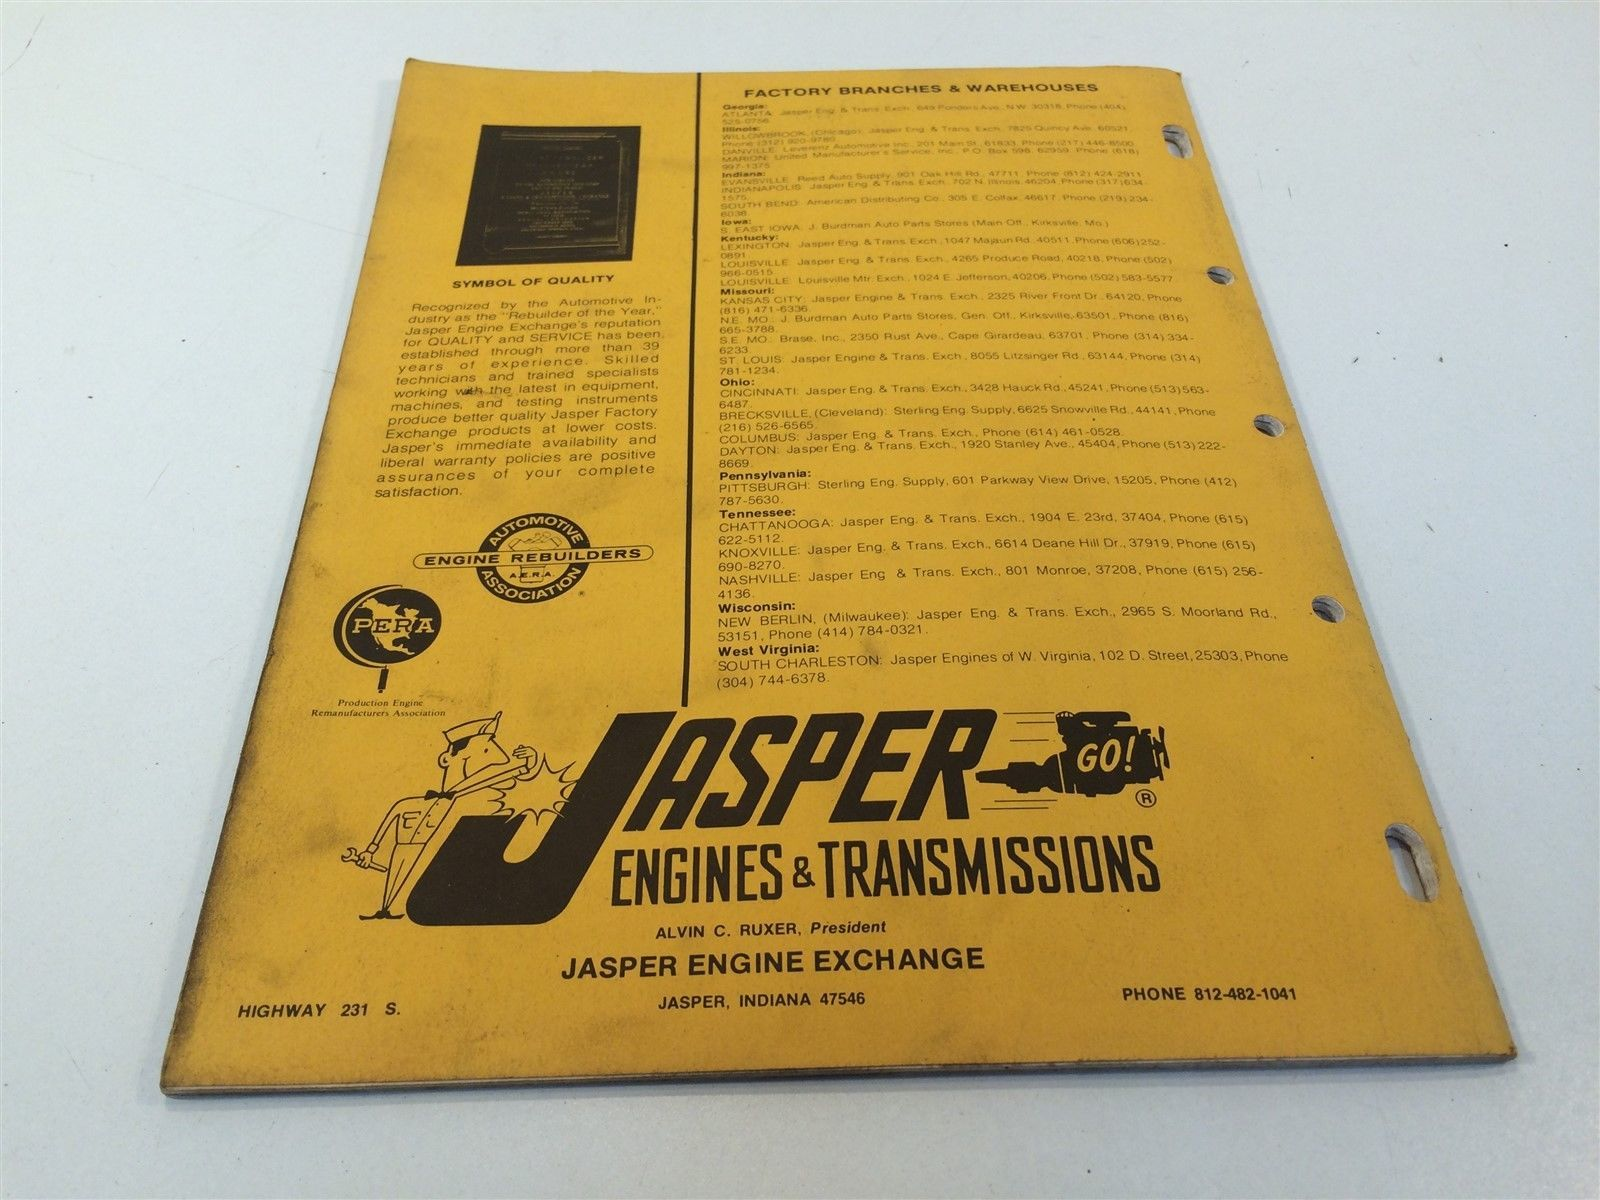 1981 Jasper Engines & Transmissions Factory Exchange JE-100-181